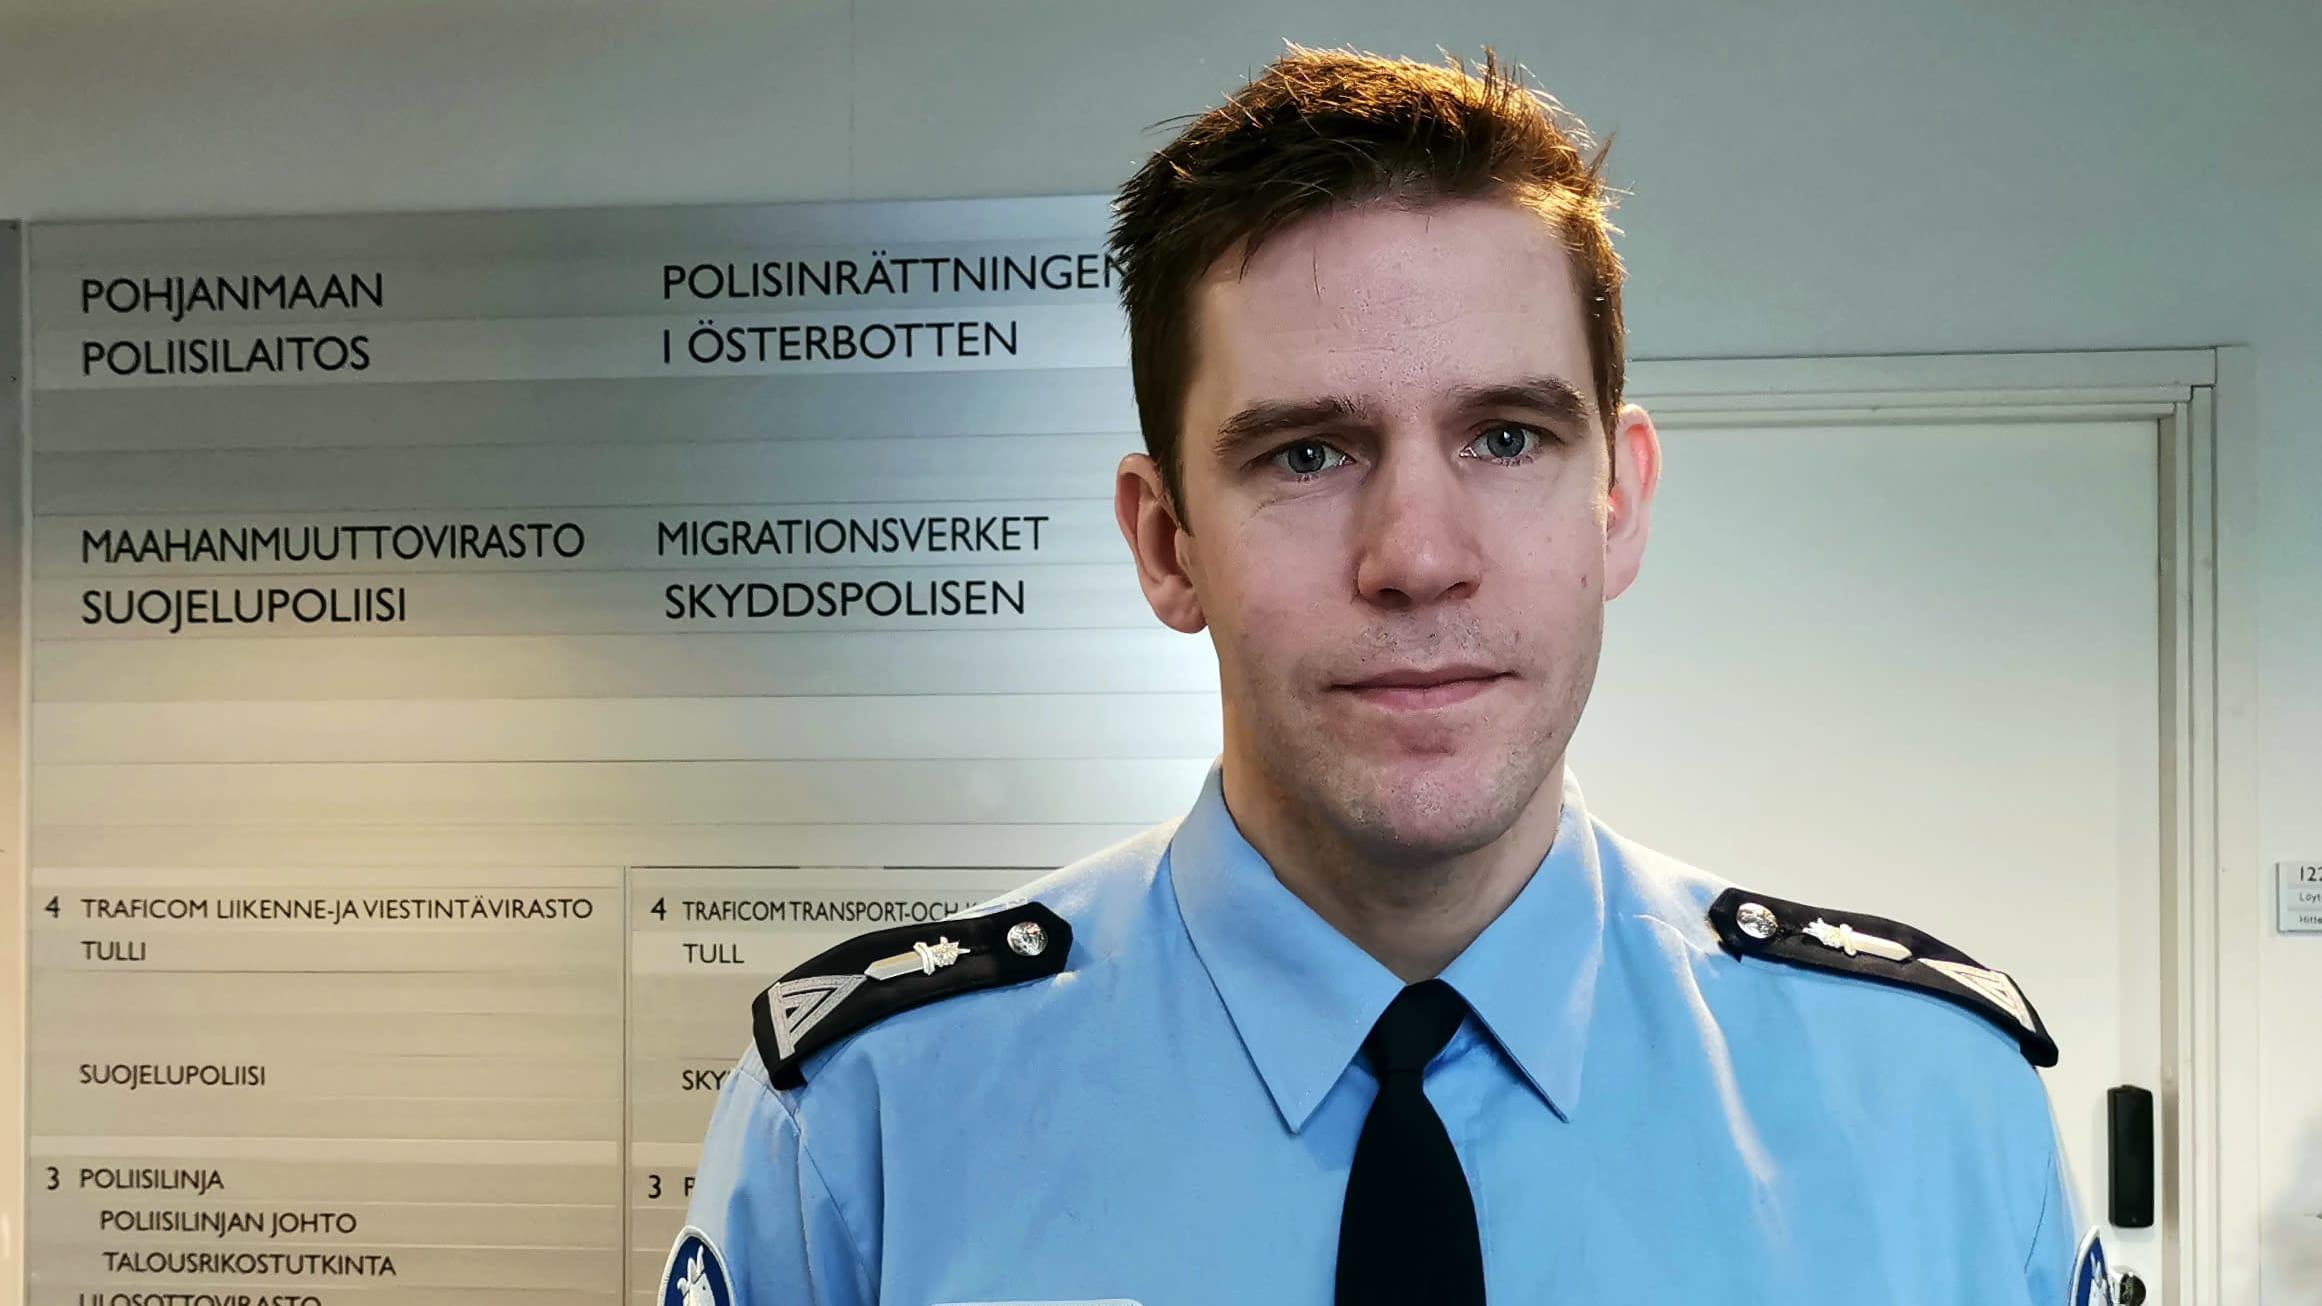 Kuvassa Pohjanmaan poliisilaitoksen viestintäpäällikkö Mikael Appel